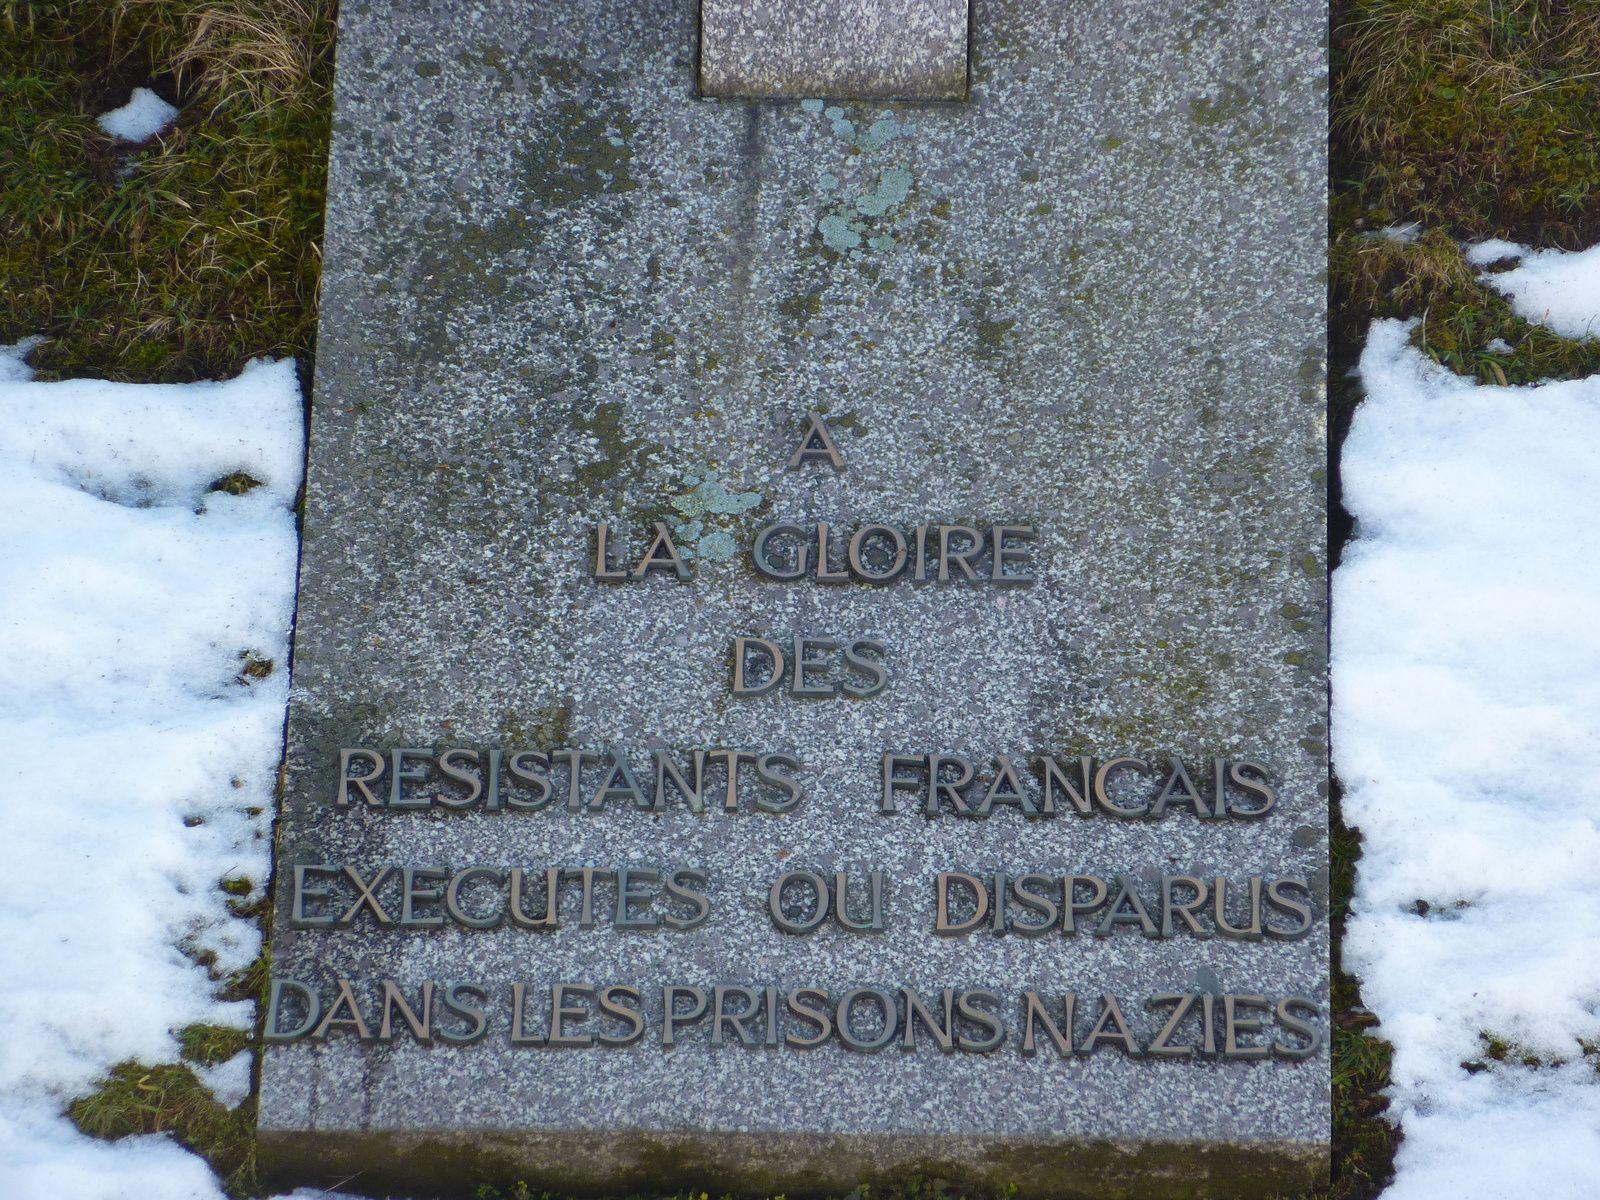 Détail de la Croix de Lorraine inaugurée par le Général de Gaulle en 1960 dans l'ancien camp de Natzweiler-Struthof en hommage aux résistants déportés et disparus.